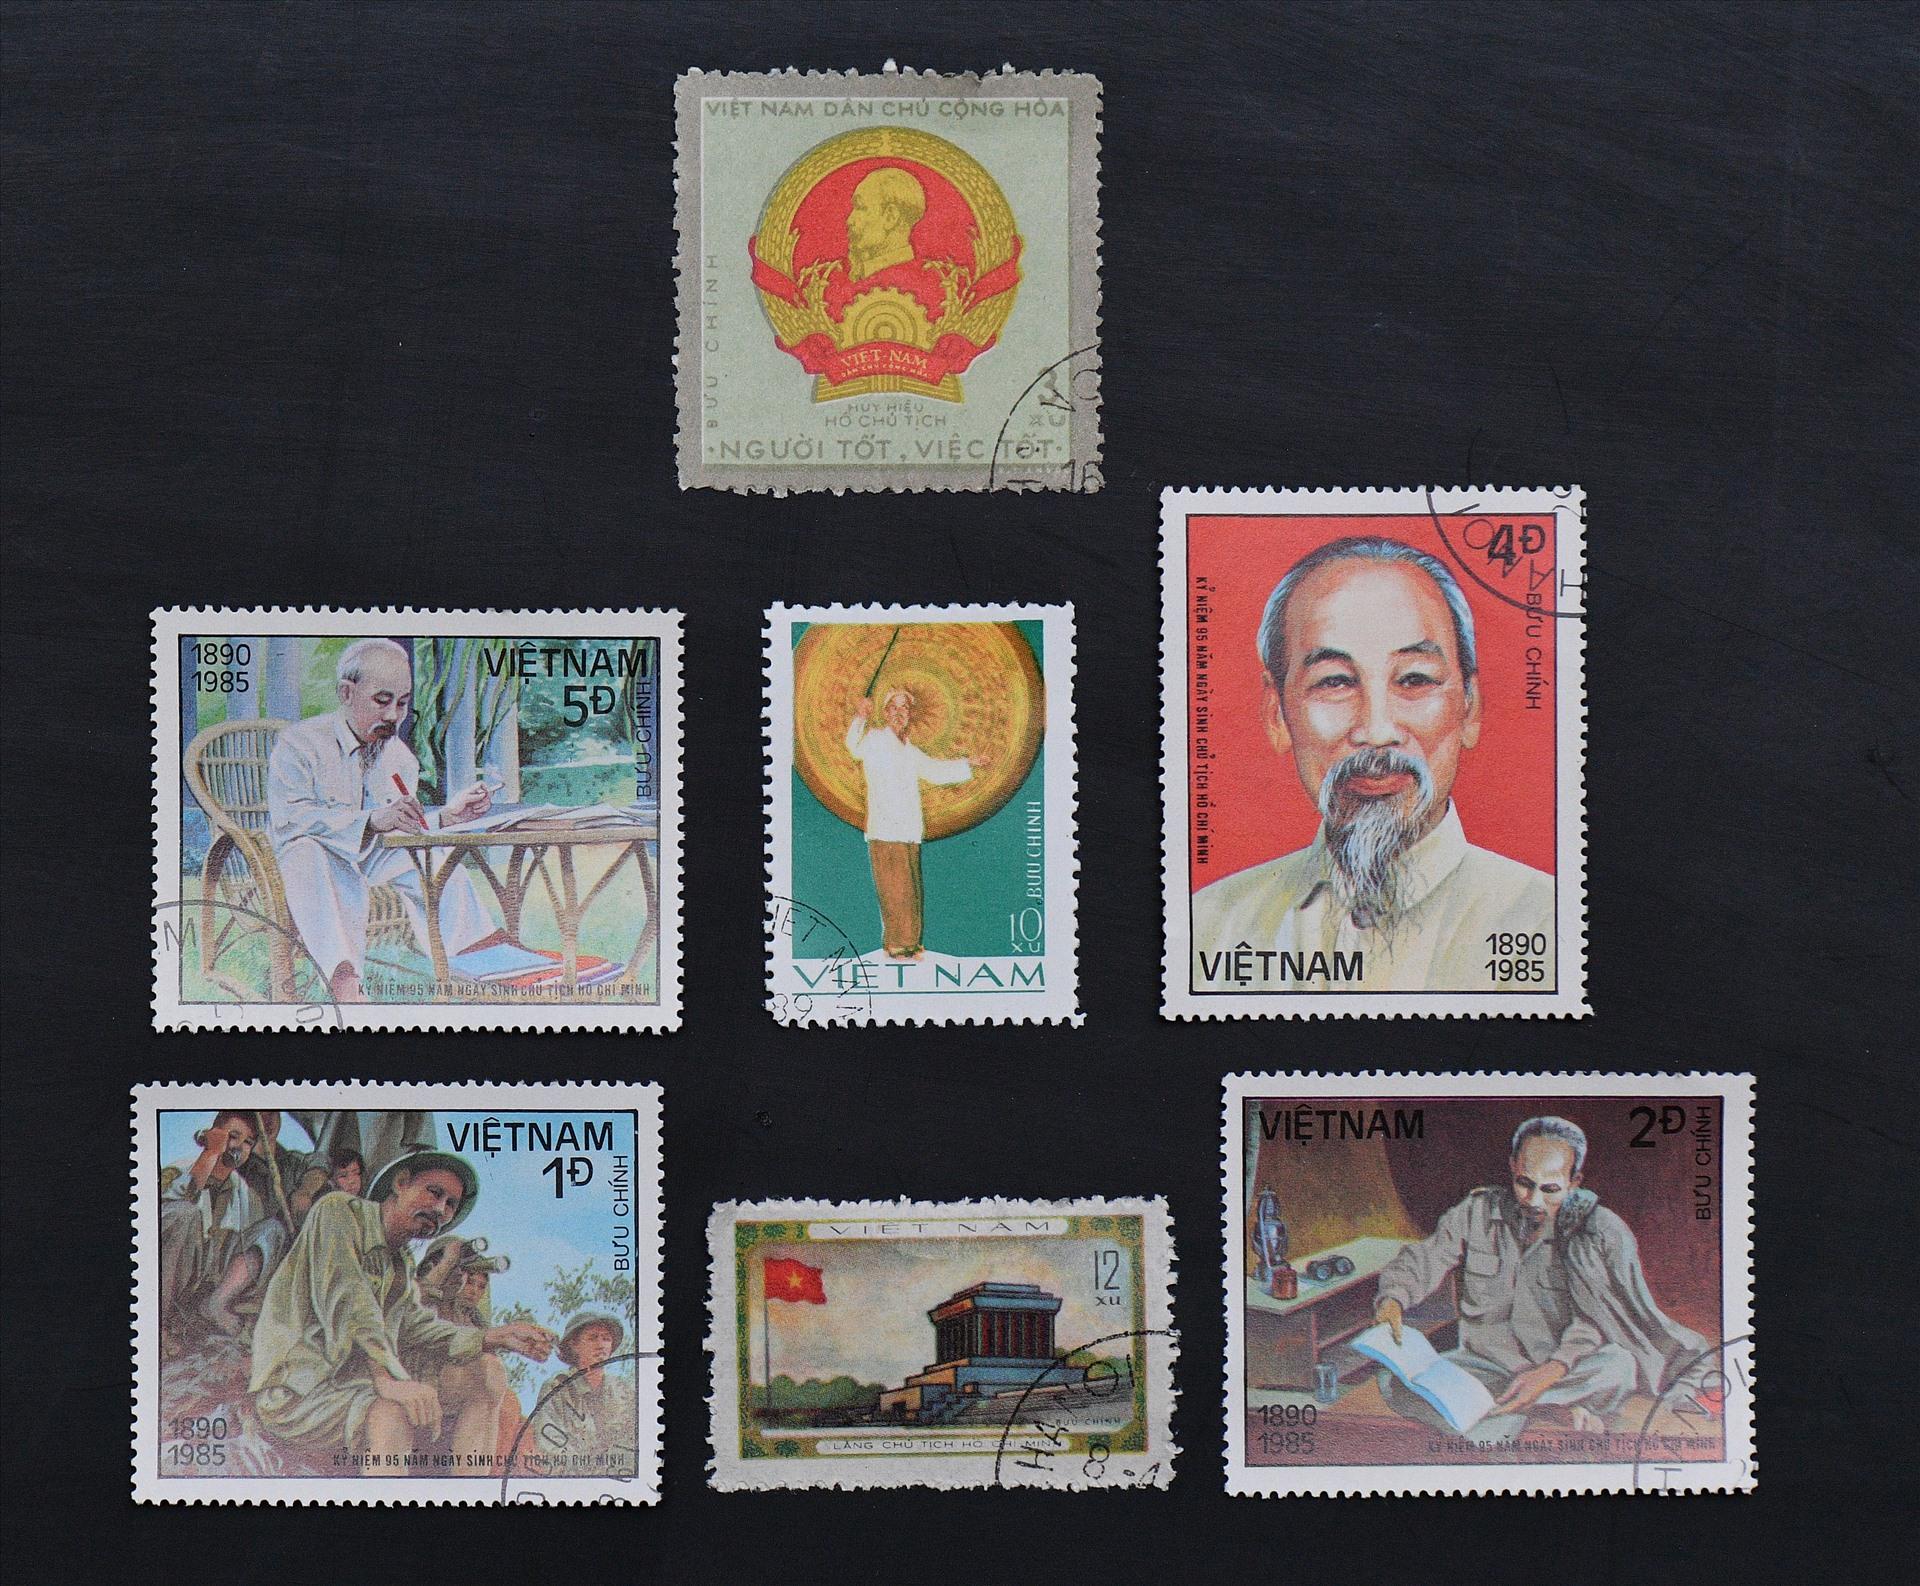 Hình ảnh Bác trong bộ tem bưu chính Việt Nam.